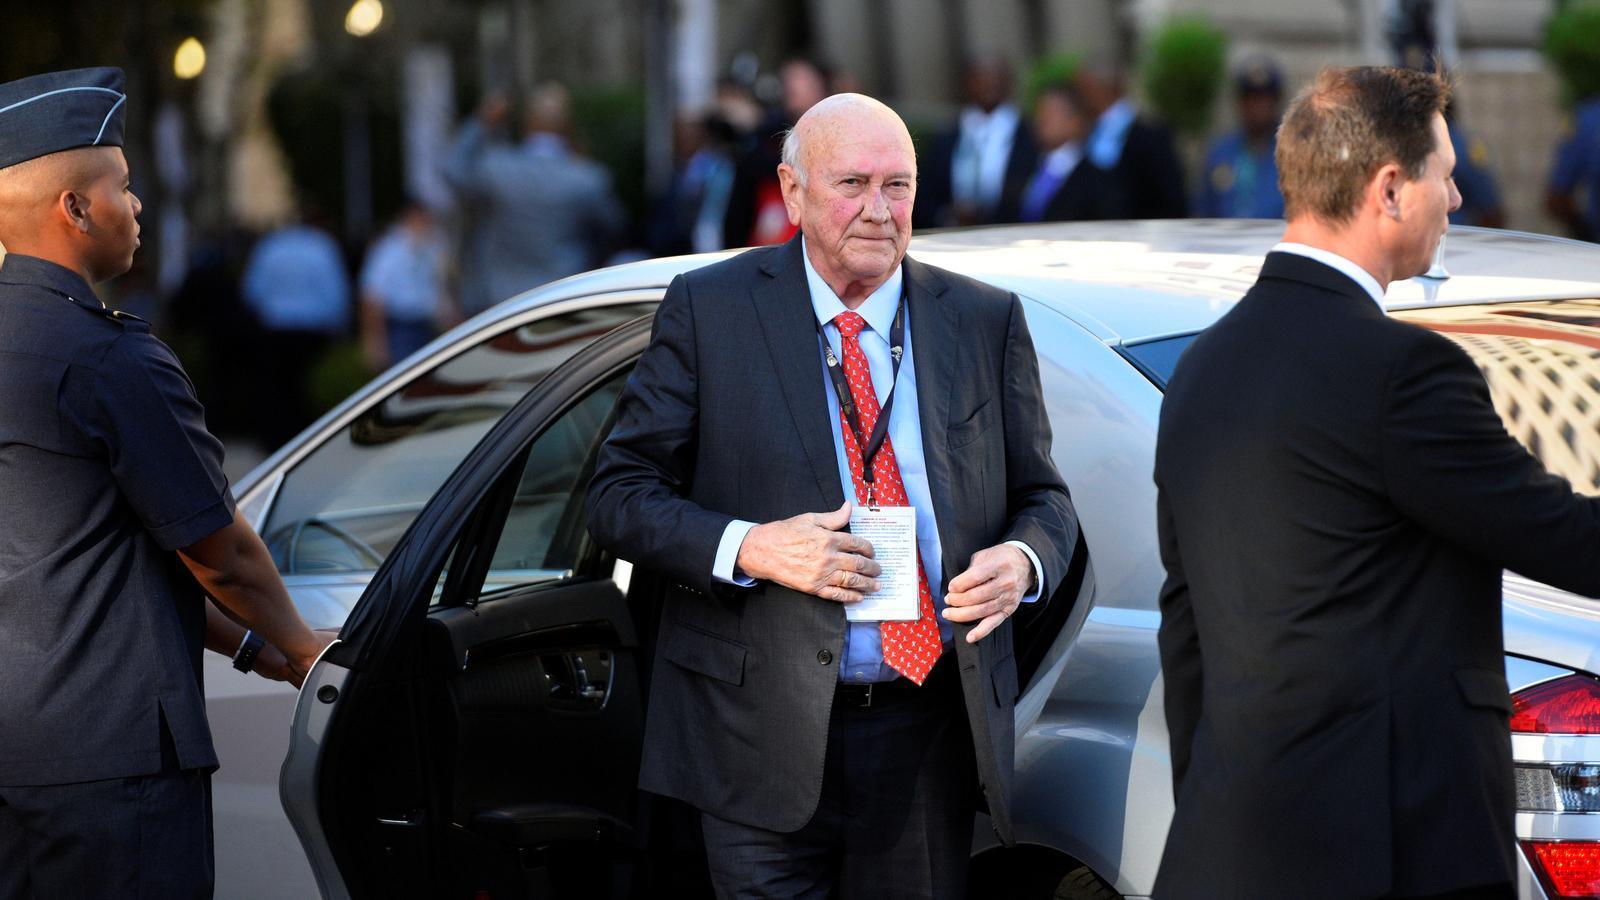 L'expresident sud-africà Frederik Willem de Klerk